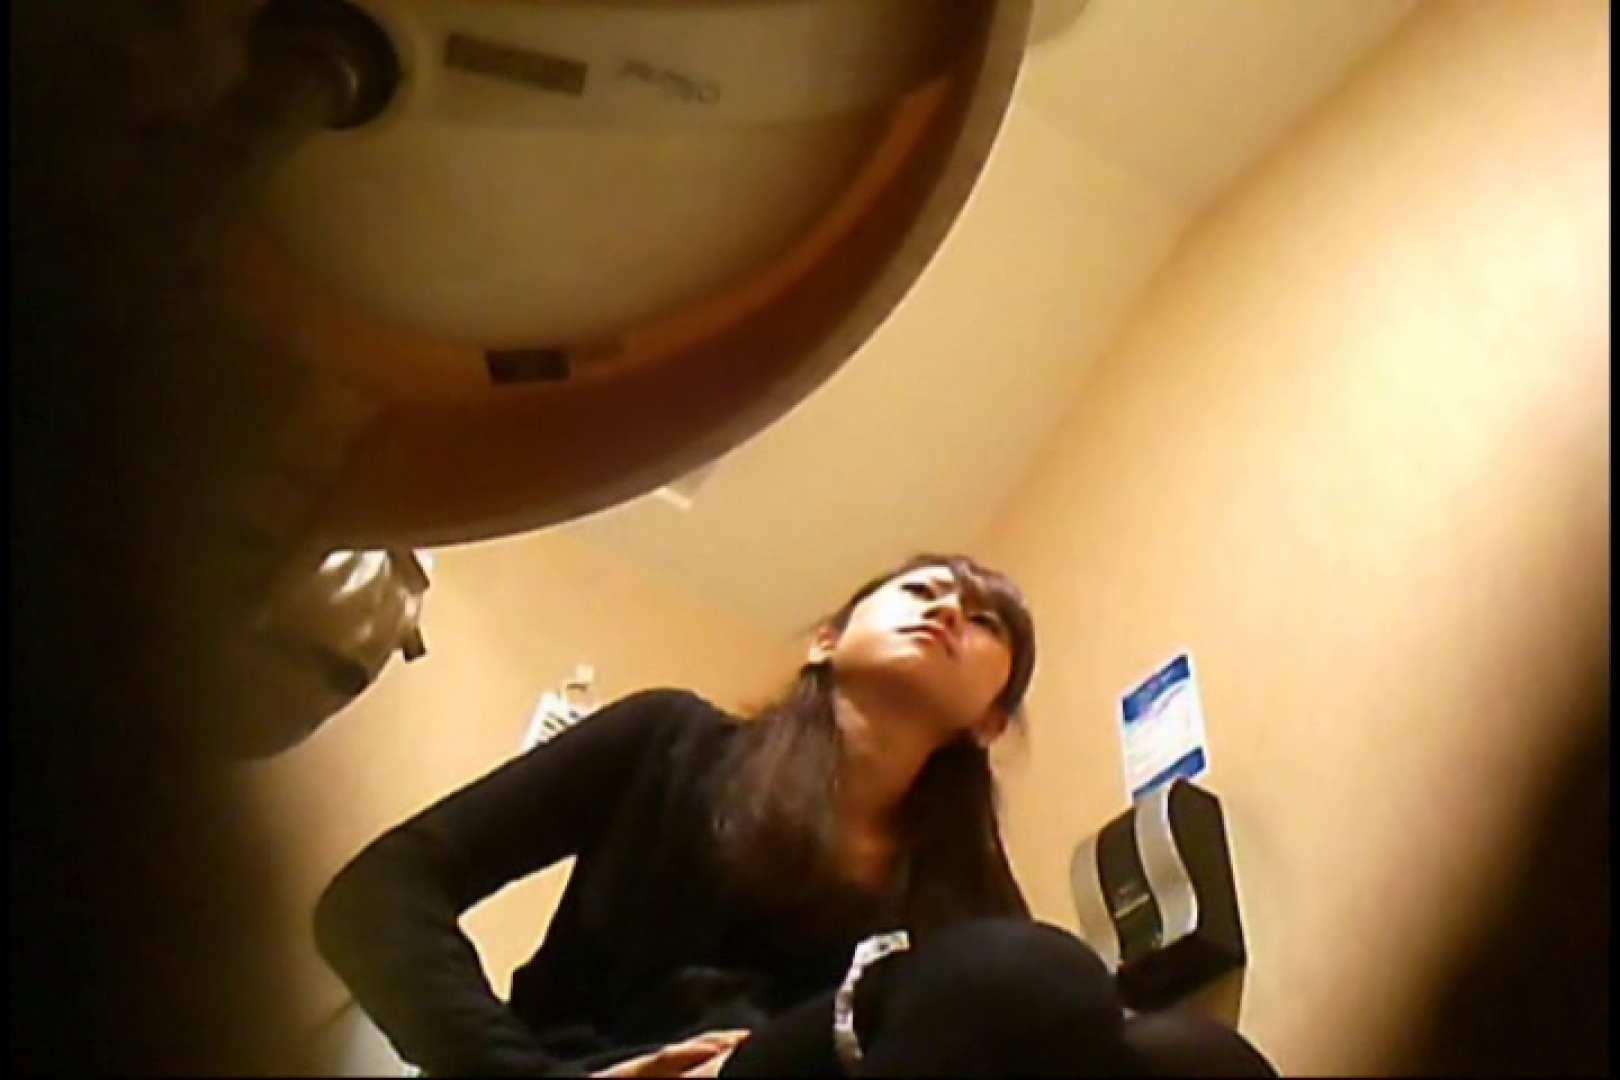 潜入!!女子化粧室盗撮~絶対見られたくない時間~vo,42 潜入 | Hなお姉さん  88pic 77